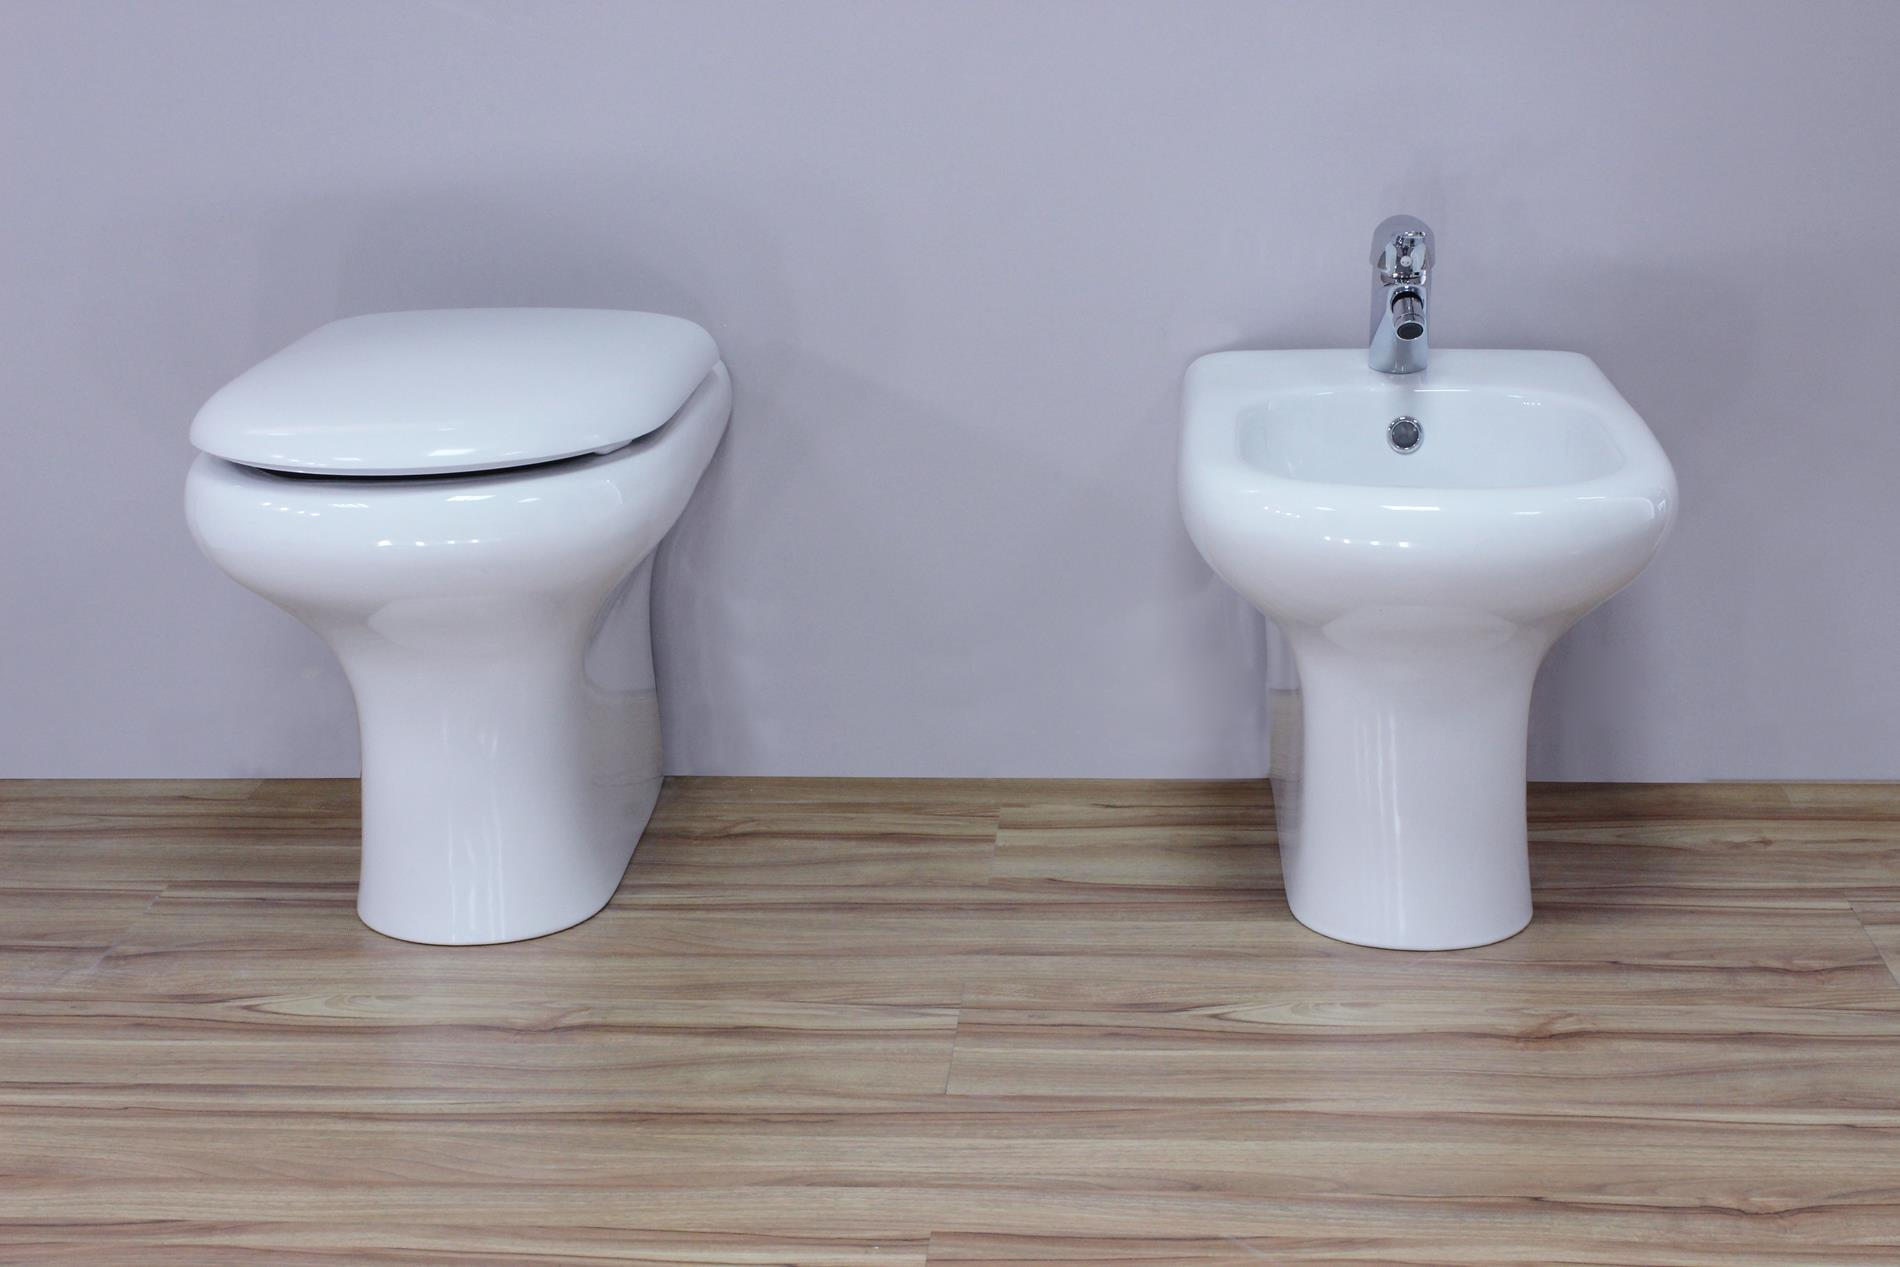 Vaso e bidet filo muro con copriwc alba coppia di sanitari for Sanitari per bagno in offerta